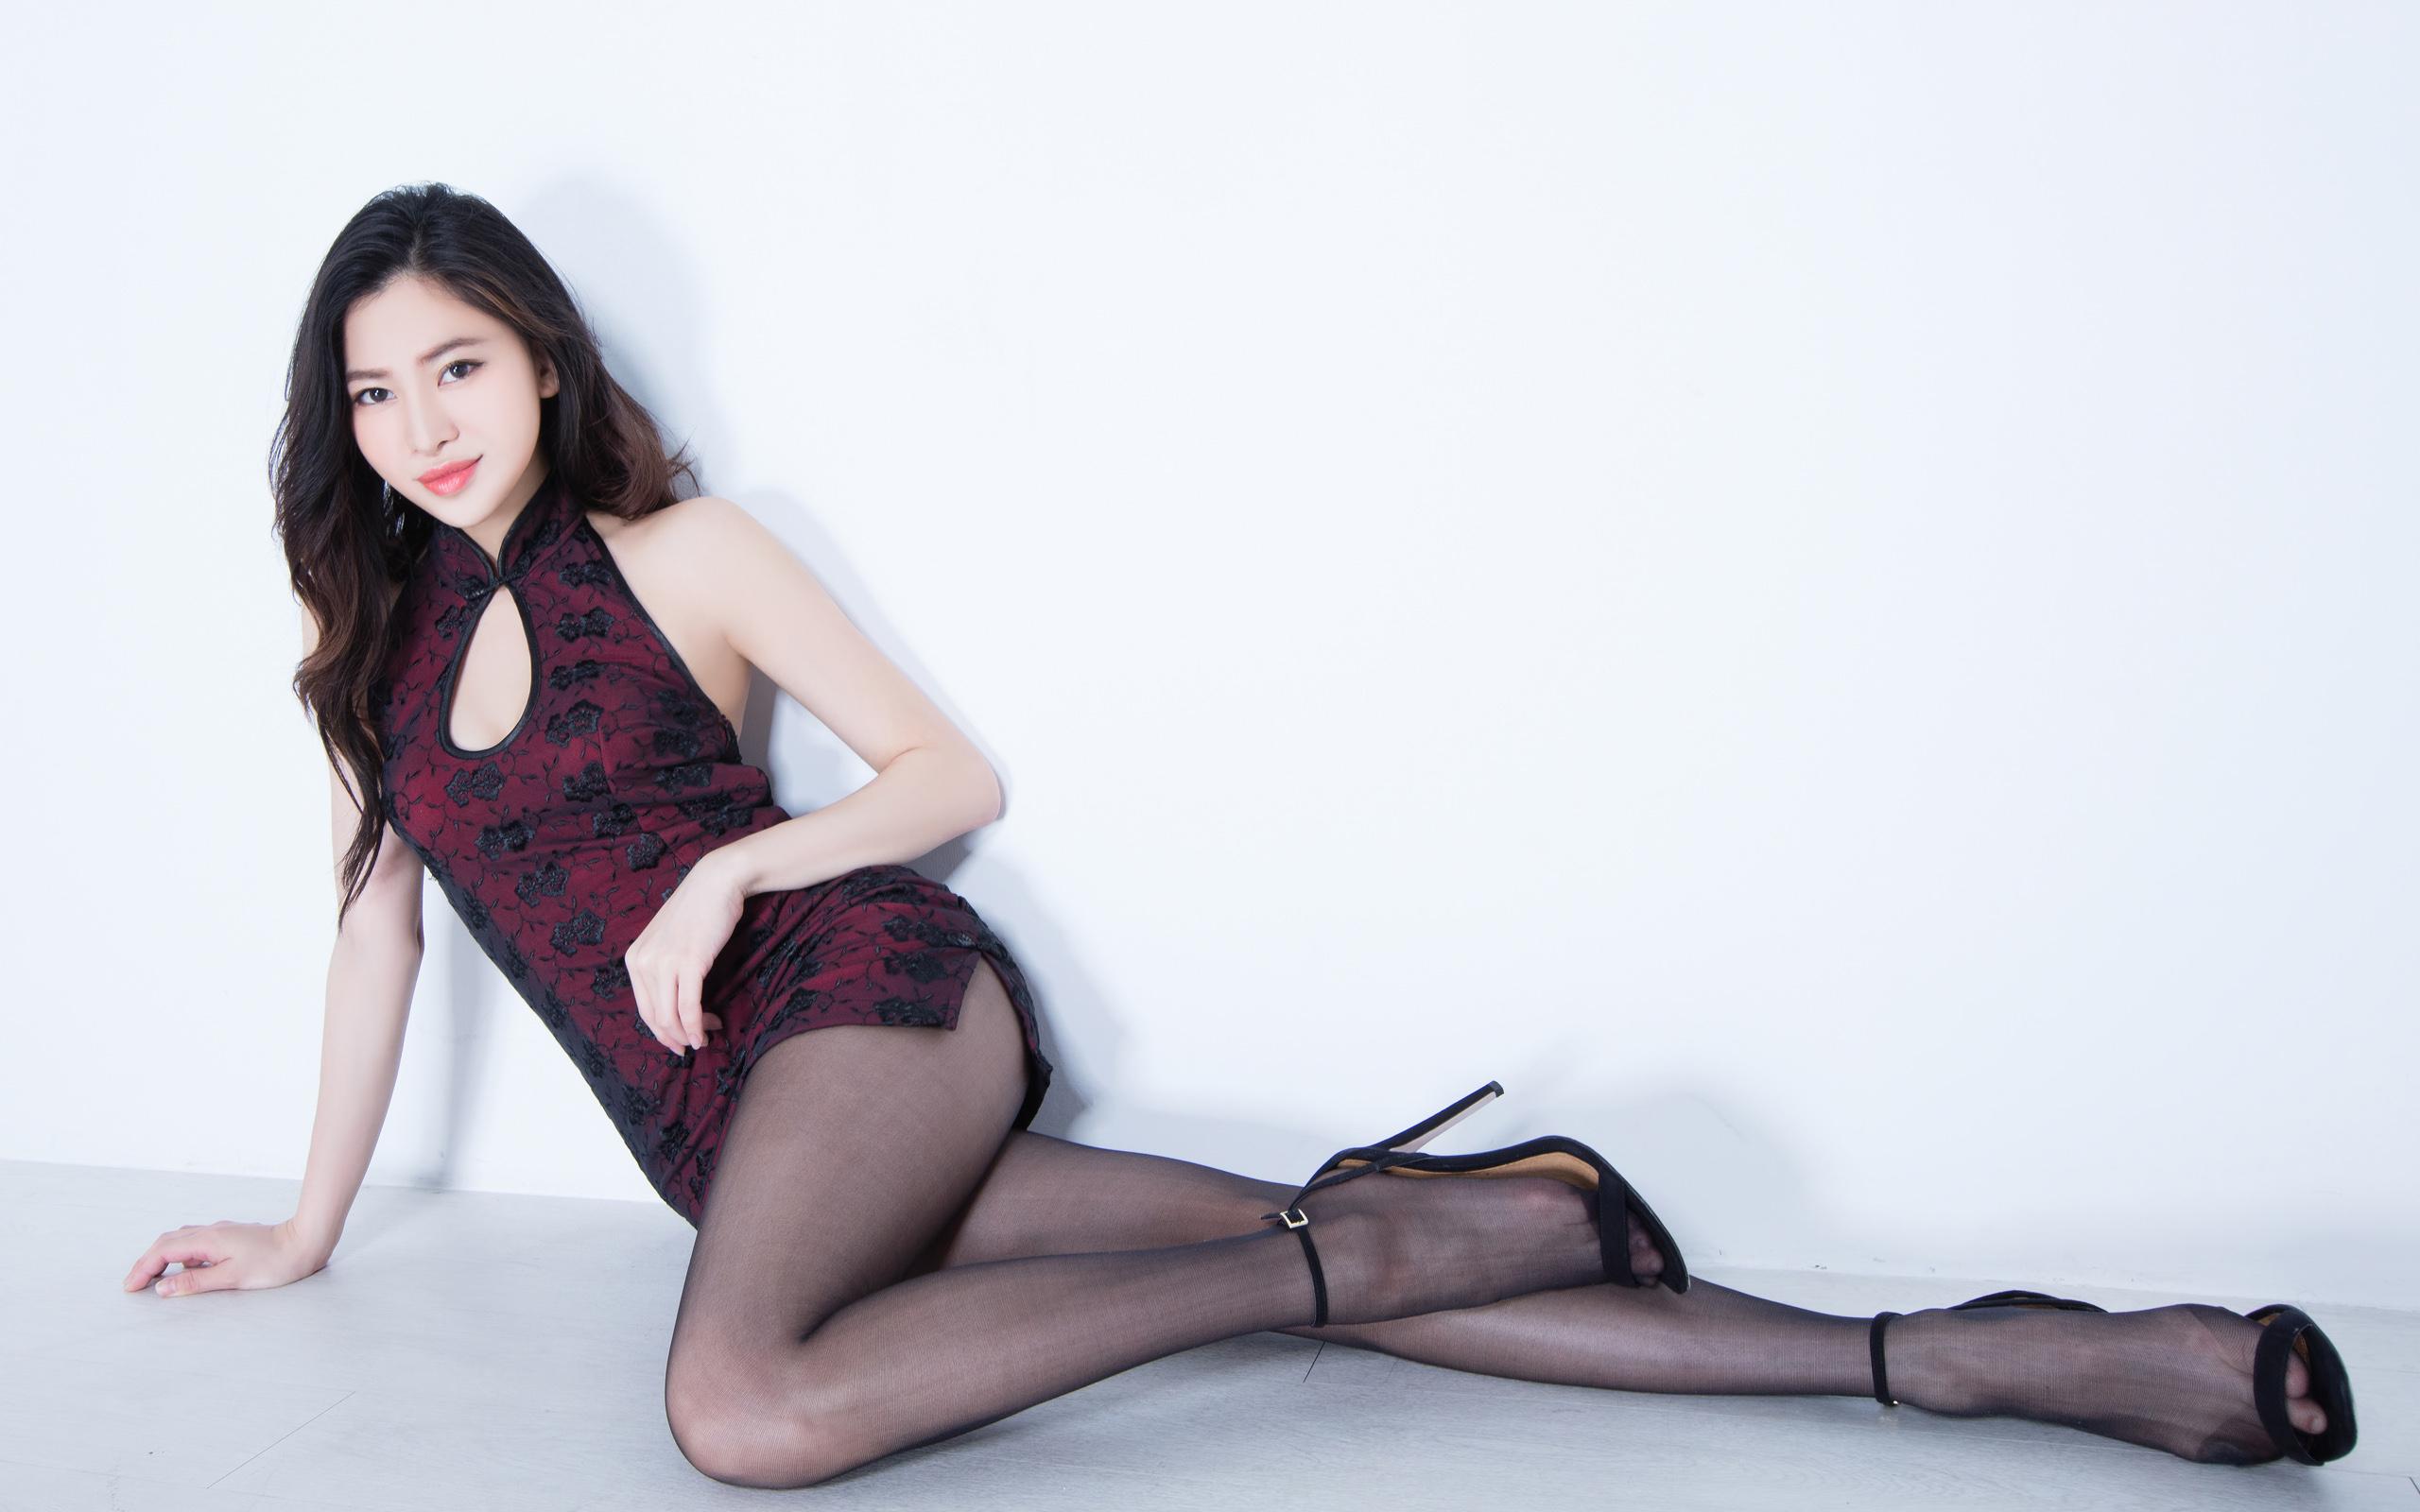 臺灣美腿美女Lynn1 - 花開有聲 - 花開有聲